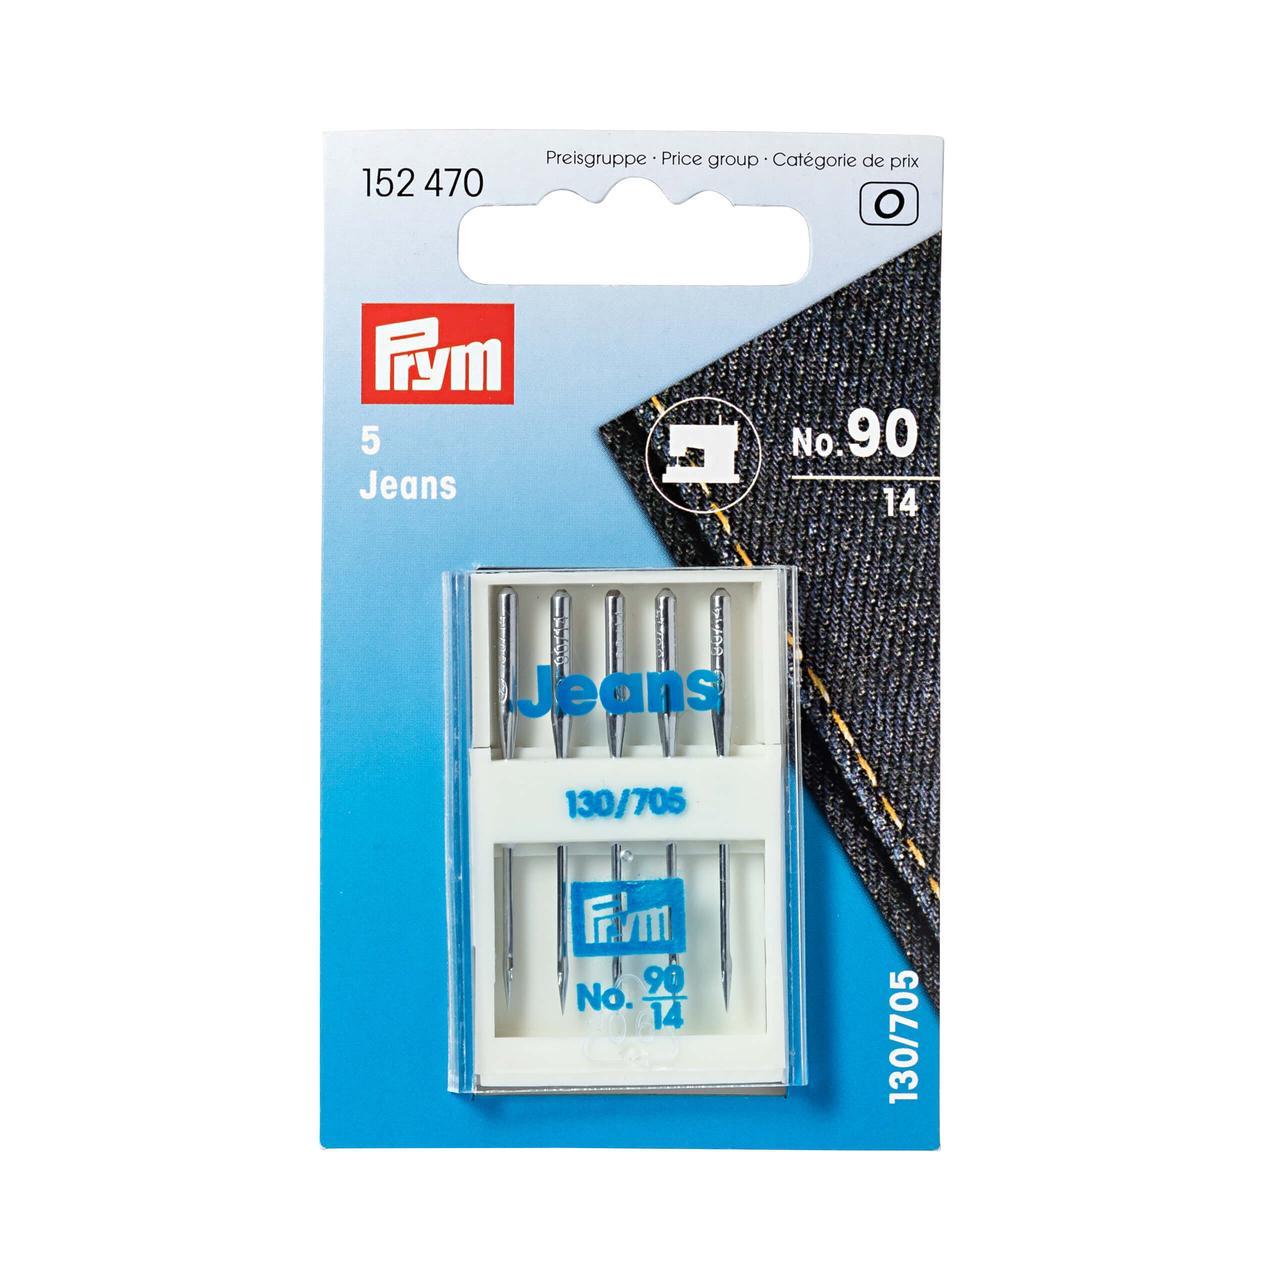 Иглы для швейных машин для джинсовой ткани Prym 152470 «Джинс» (№ 90, 130/705)